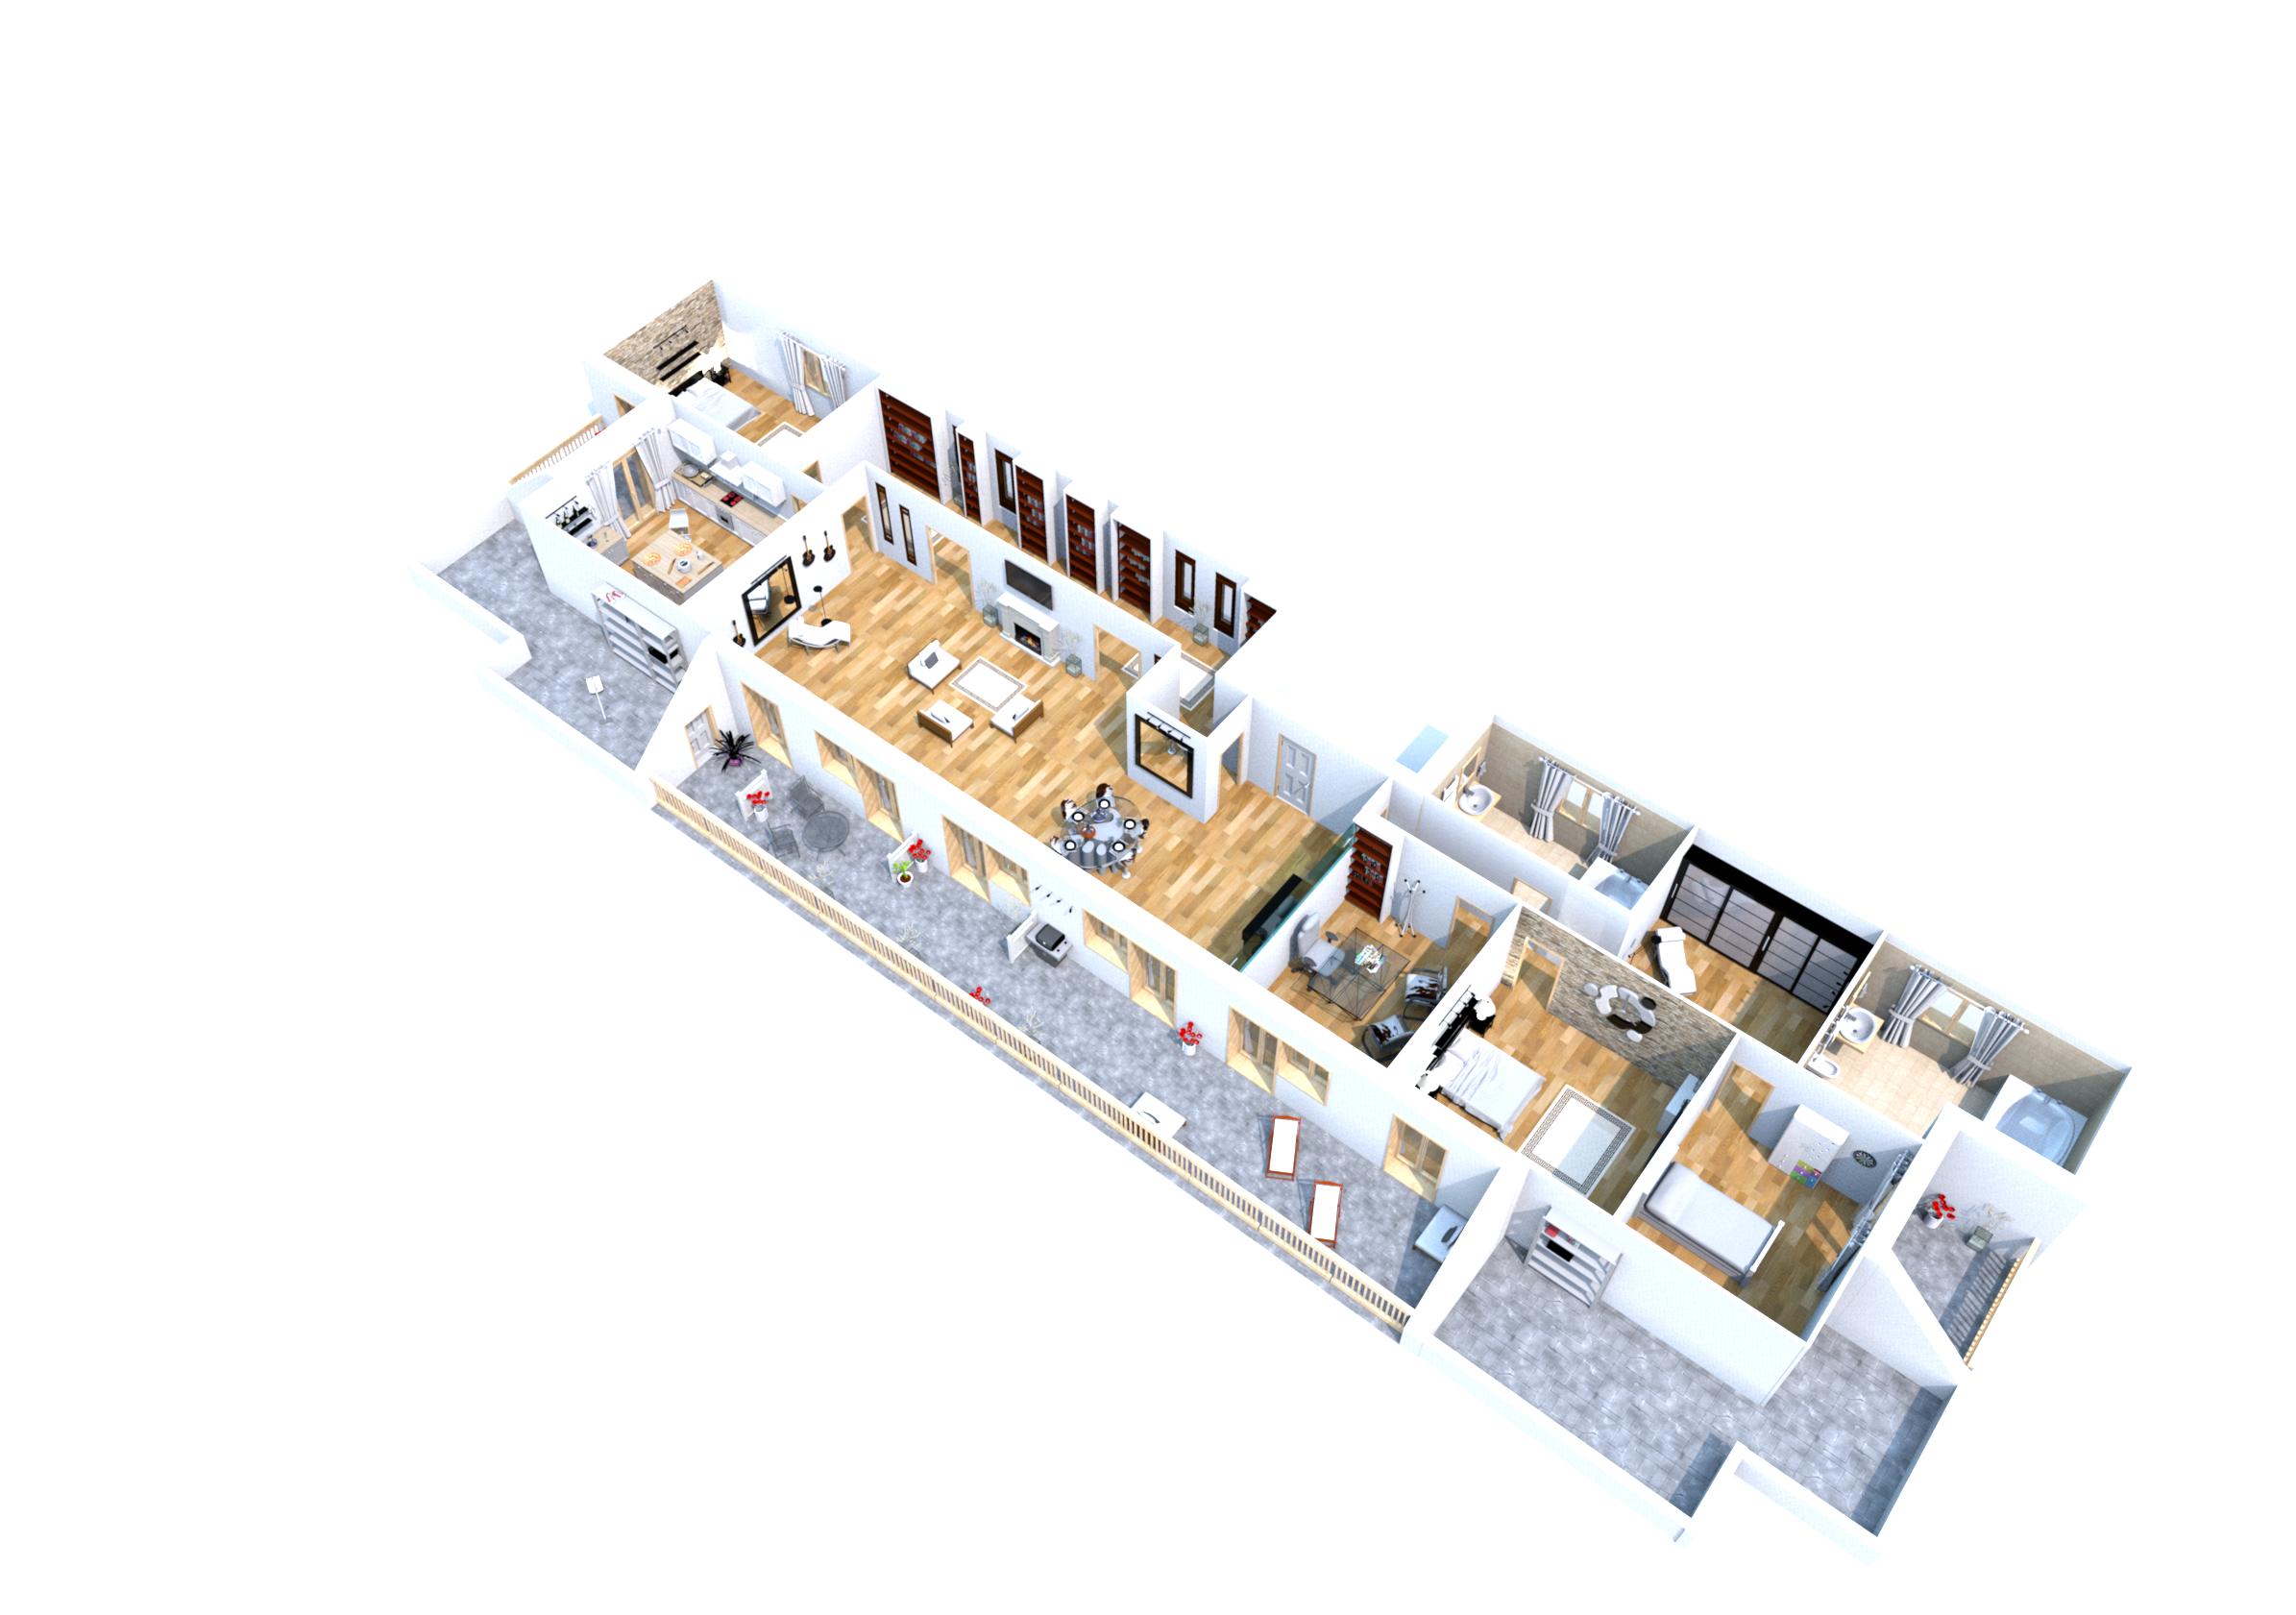 Servizi Per Agenti Immobiliari servizi per agenzie immobiliari – archte – studio di